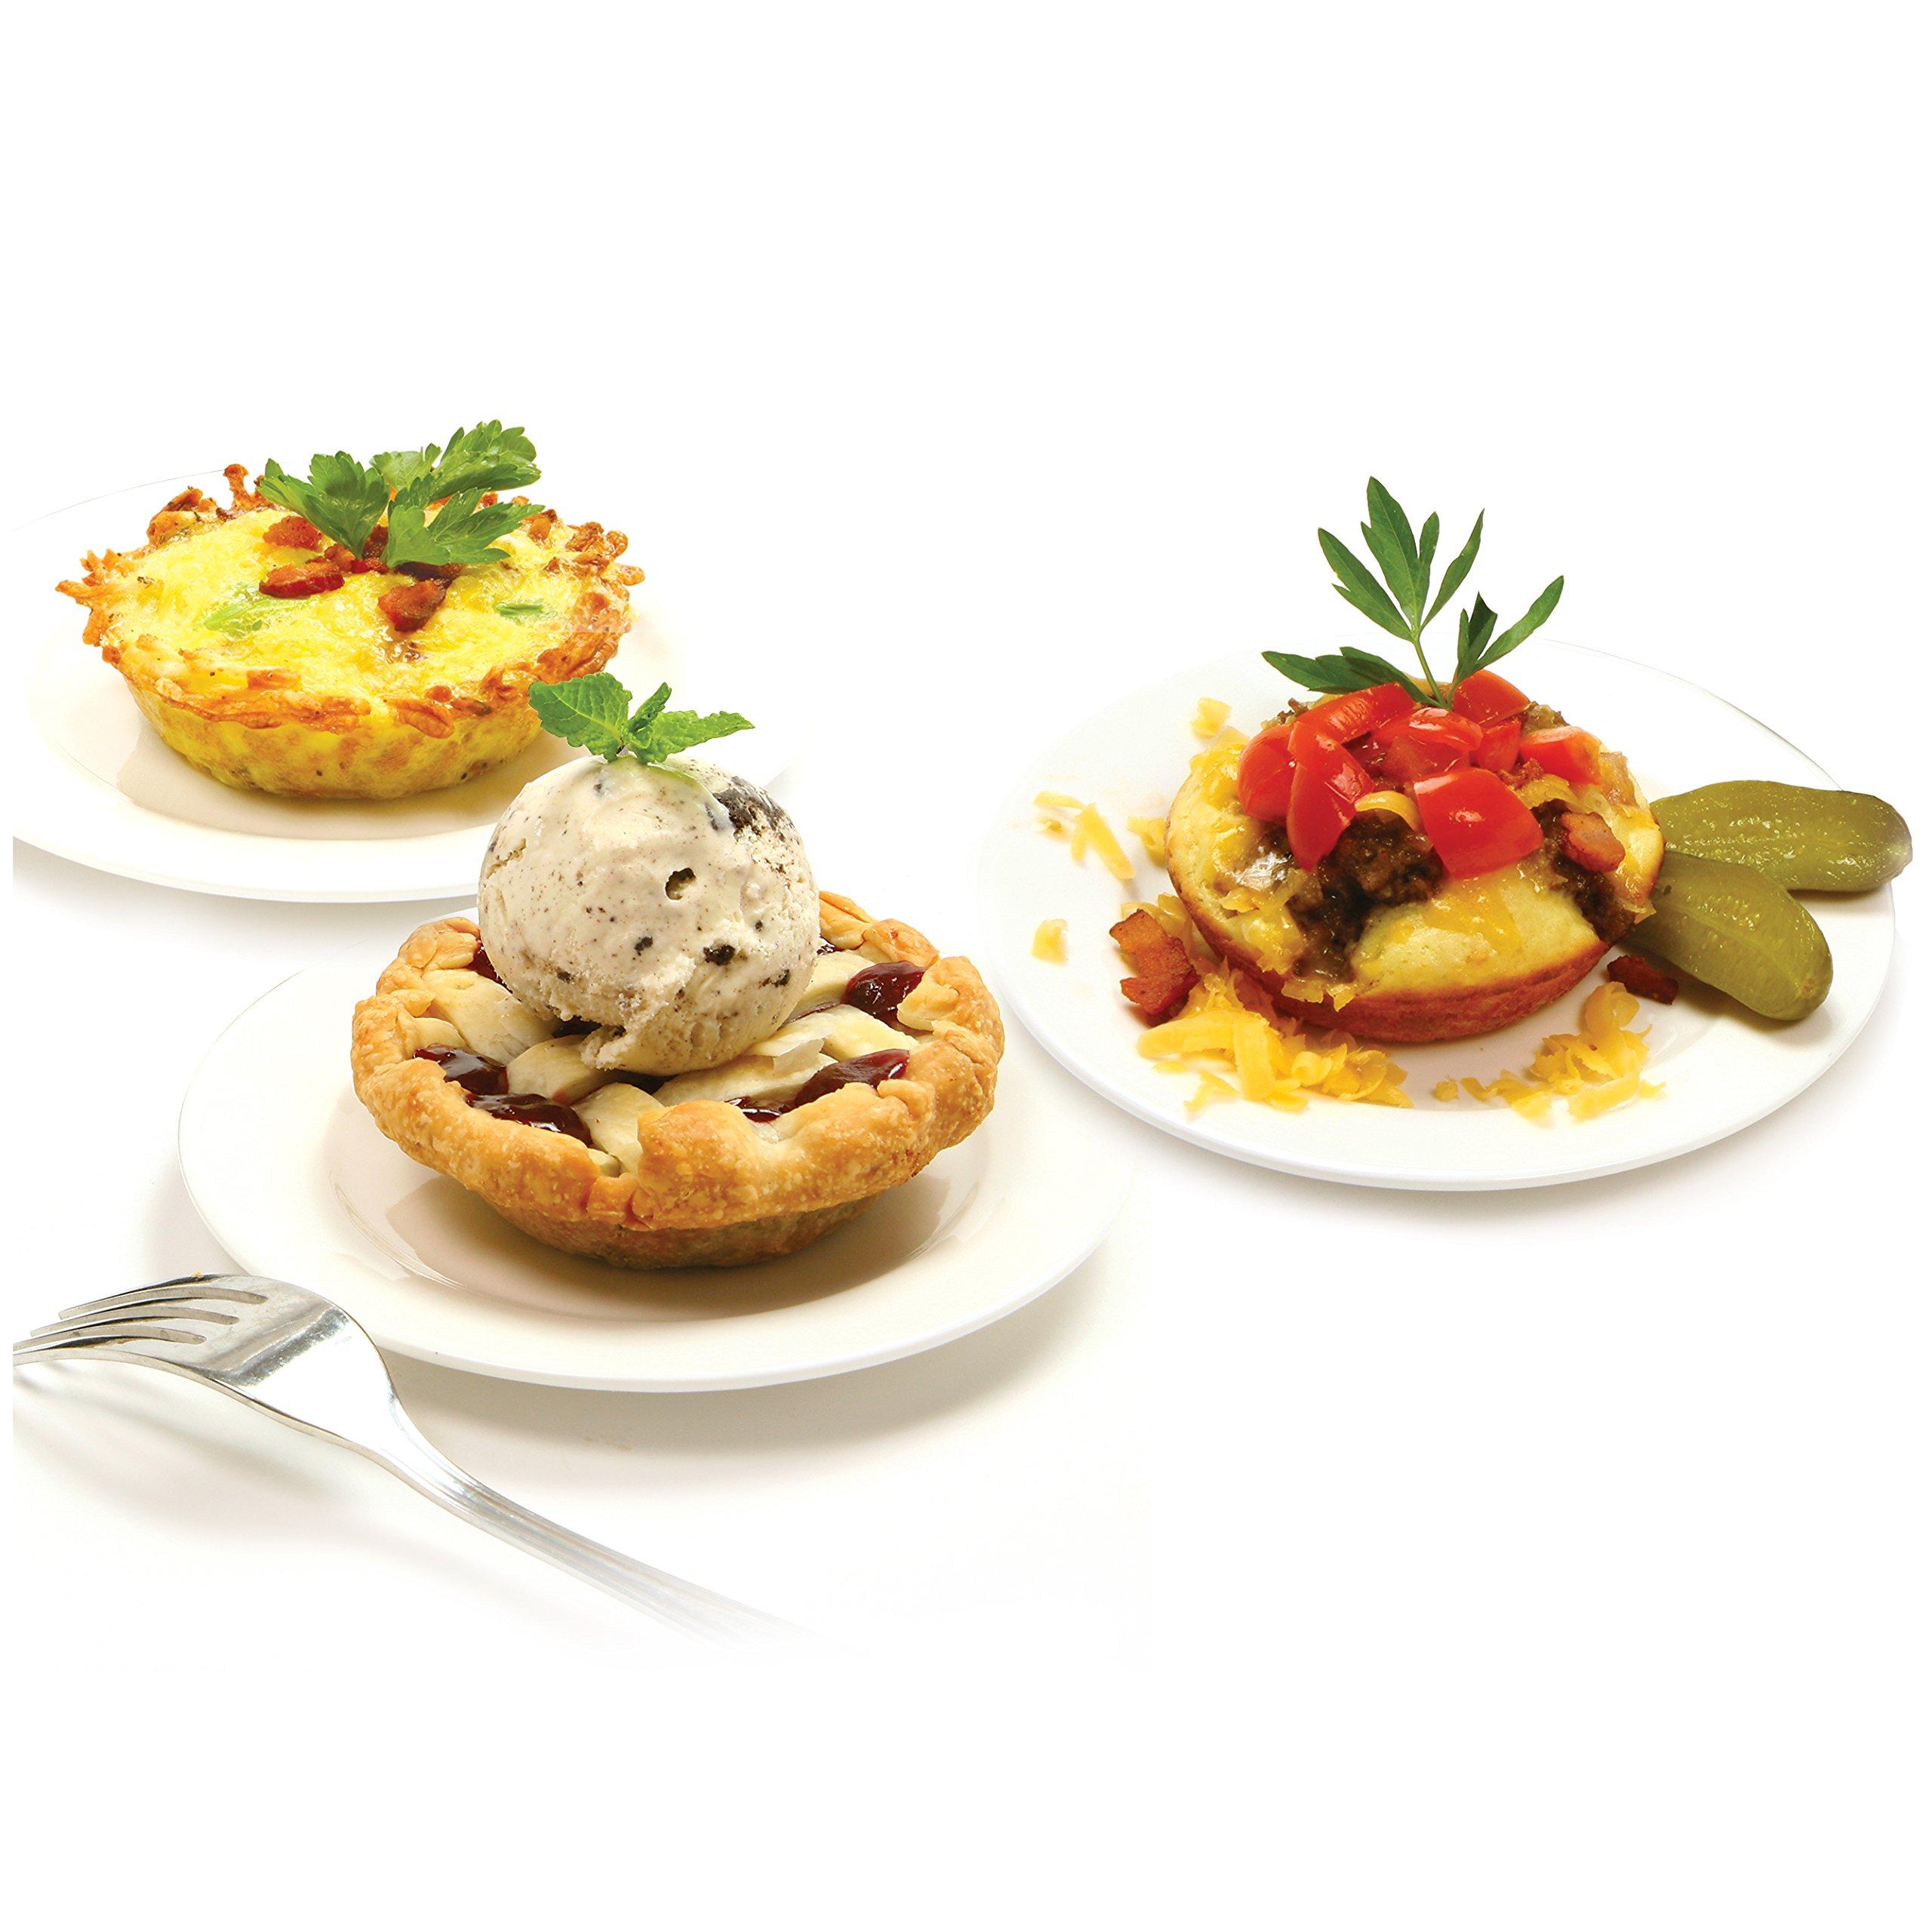 Norpro Nonstick Mini Pie Pans, Set of 4 by Norpro (Image #4)